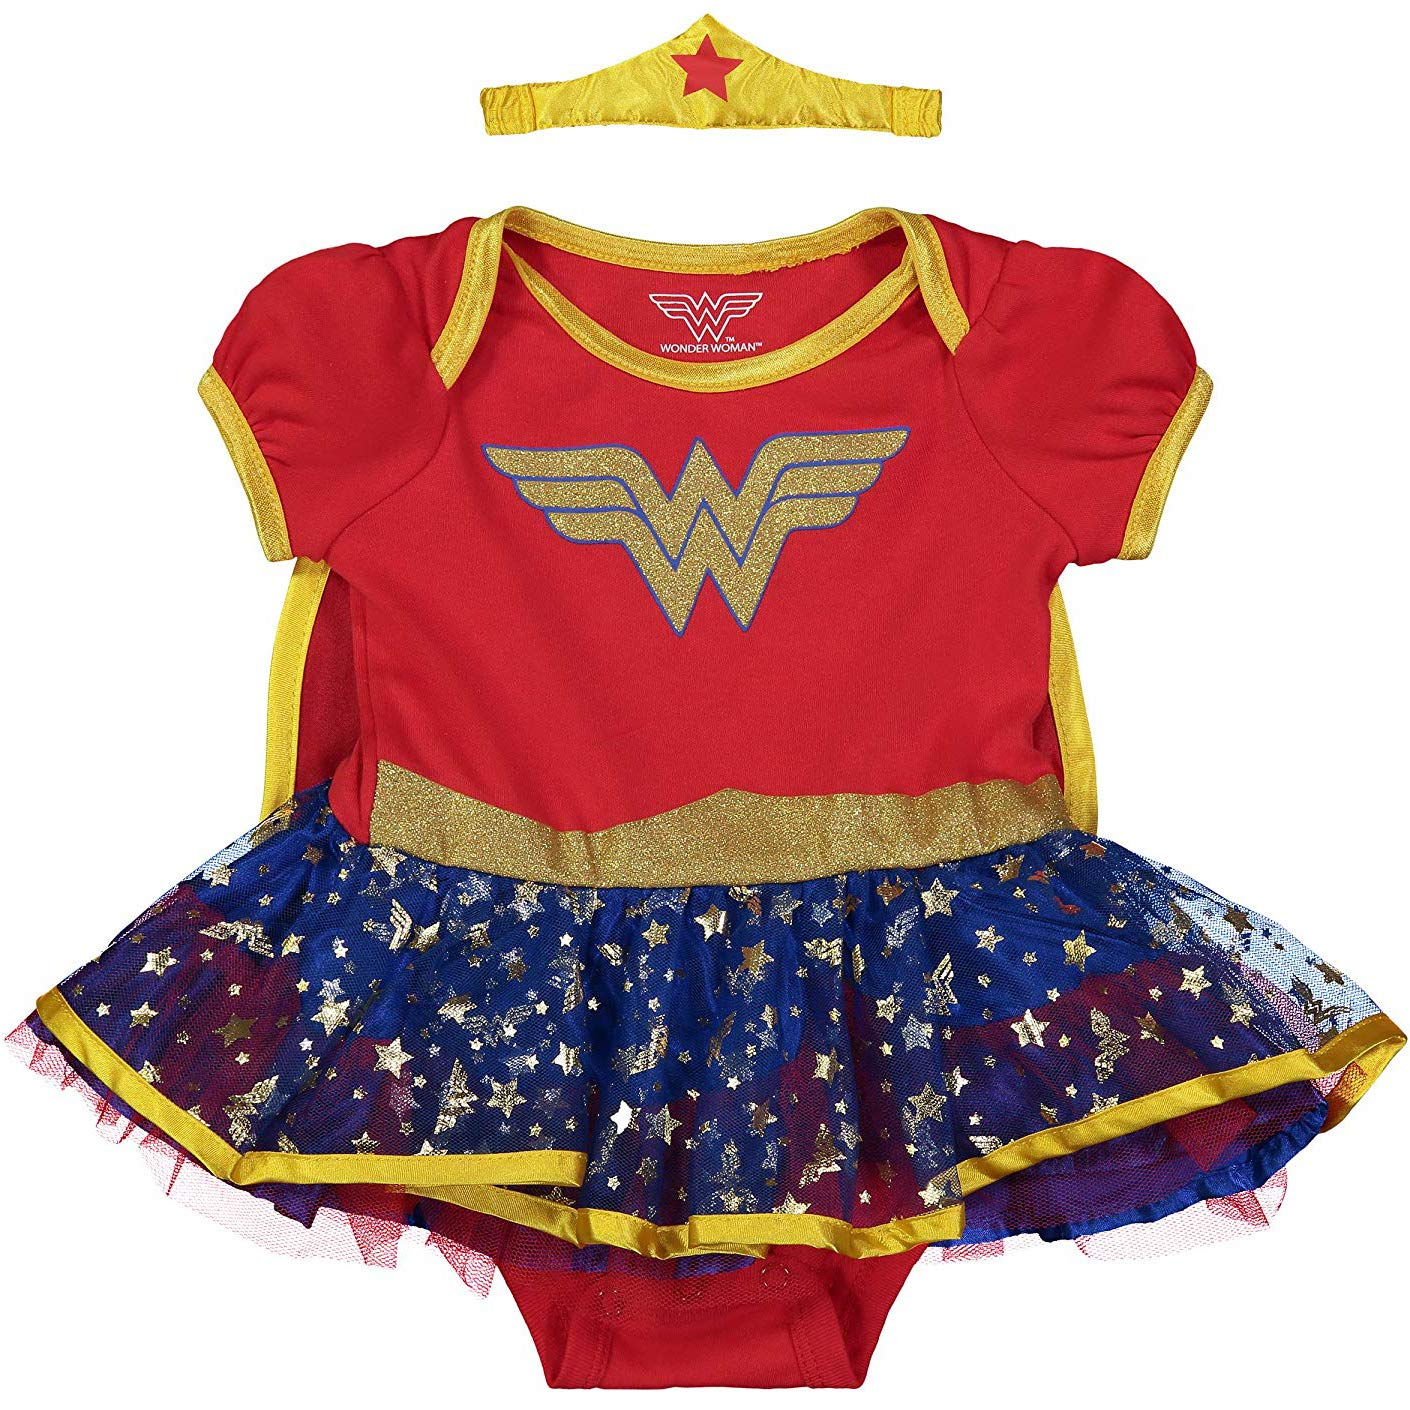 DC Comics Body Vestido de Verano de Wonder Woman con Capa y Tiara Disfraz de Fantas/ía de Superh/éroina para Beb/é Ni/ñas Rojo 18 Meses